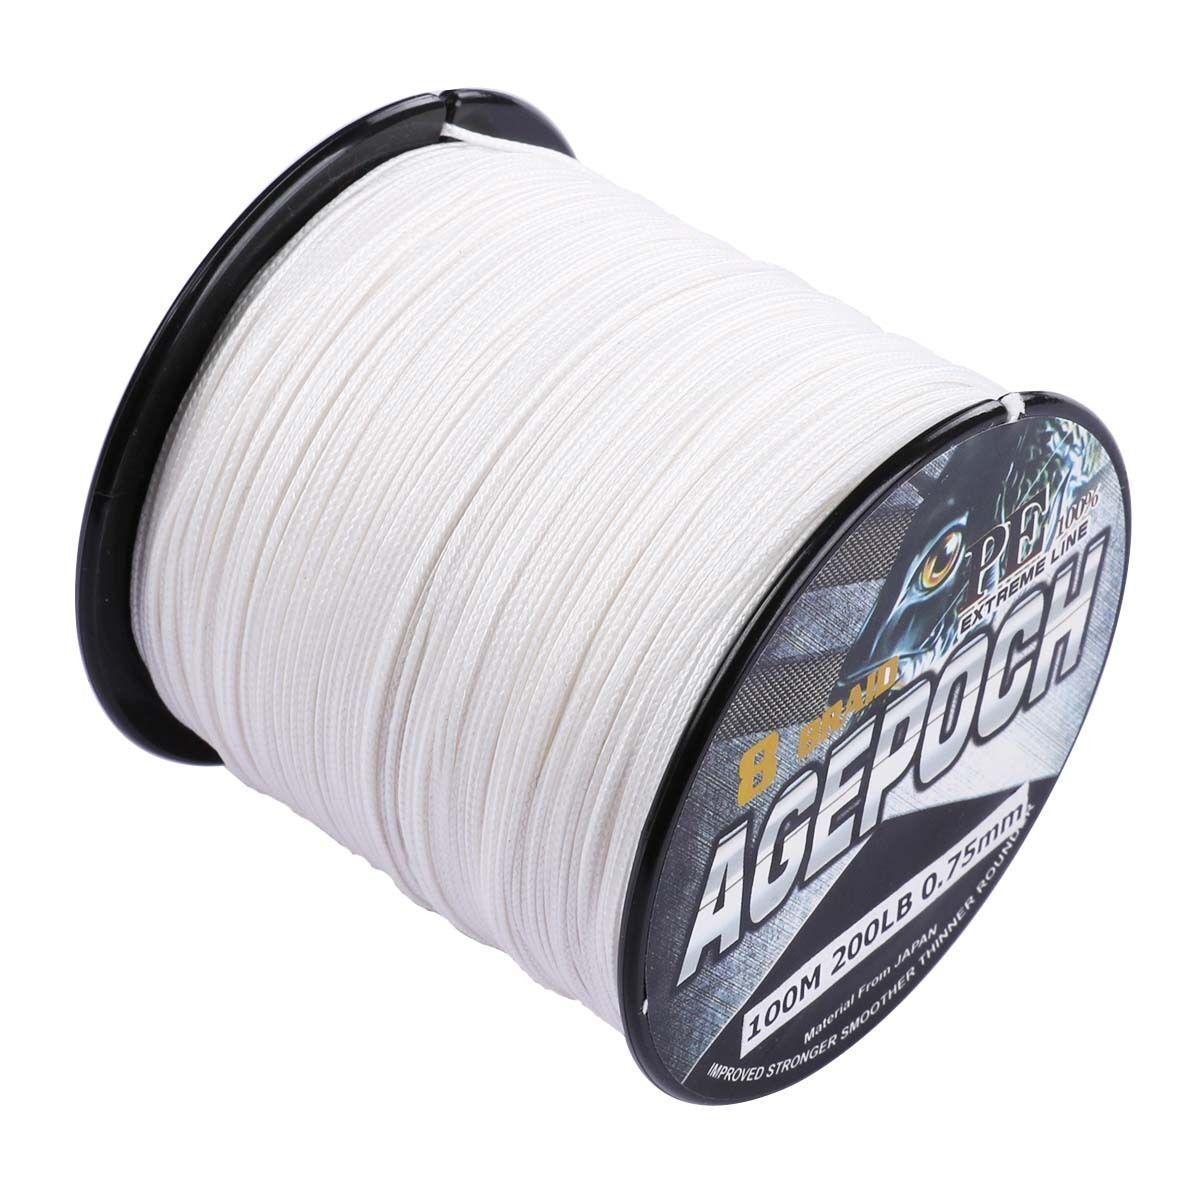 Weiß Super Power Geflochtene Angelschnur 136kg 99.7m2000m 2.7kg- 136kg Angelschnur Agepoch 8386de